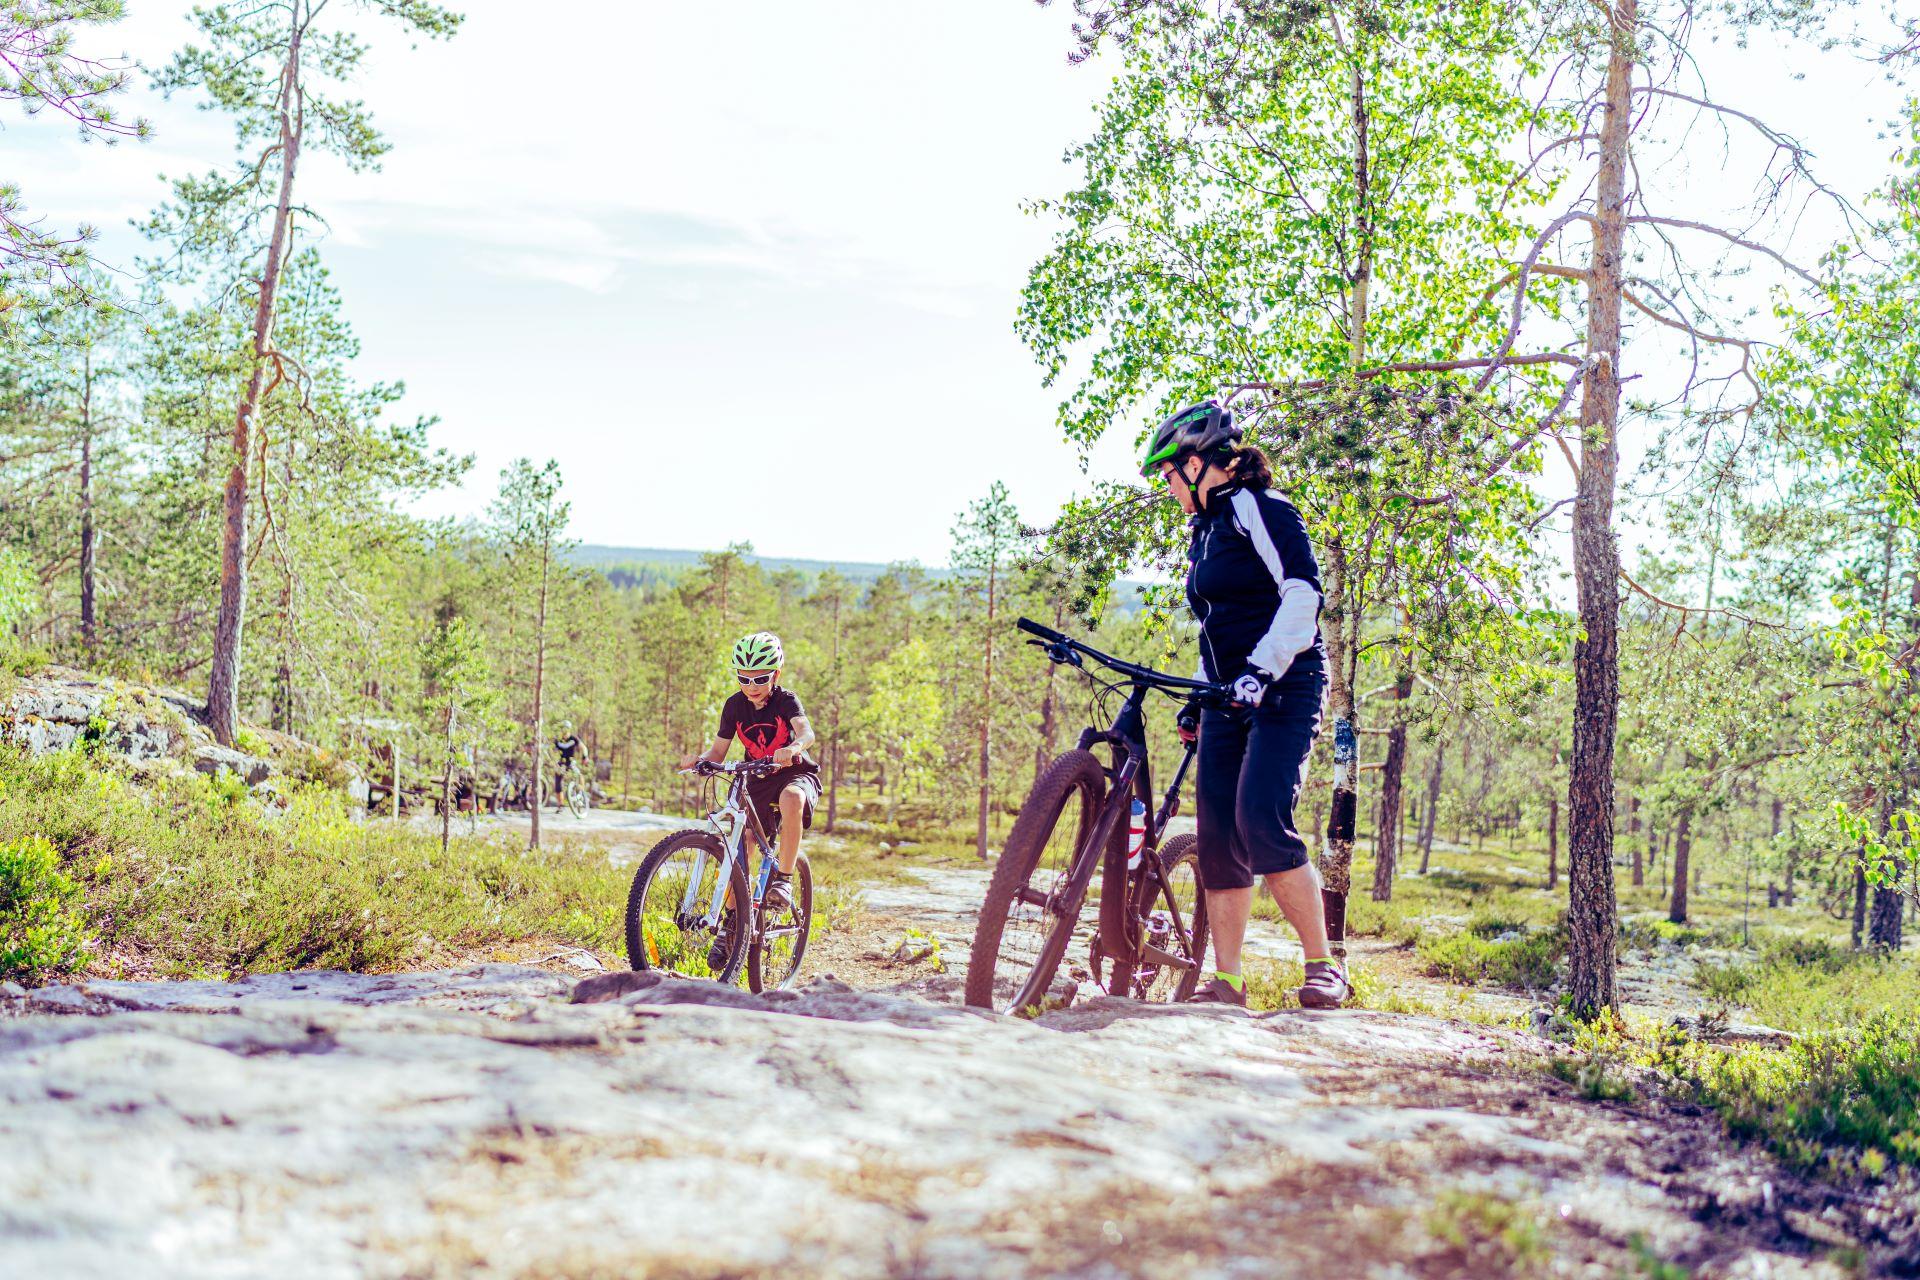 Metsämaisema, jossa nainen on pysähtynyt pyörän viereen katsomaan kun poika ajaa kallioista polkua pitkin ylöspäin.